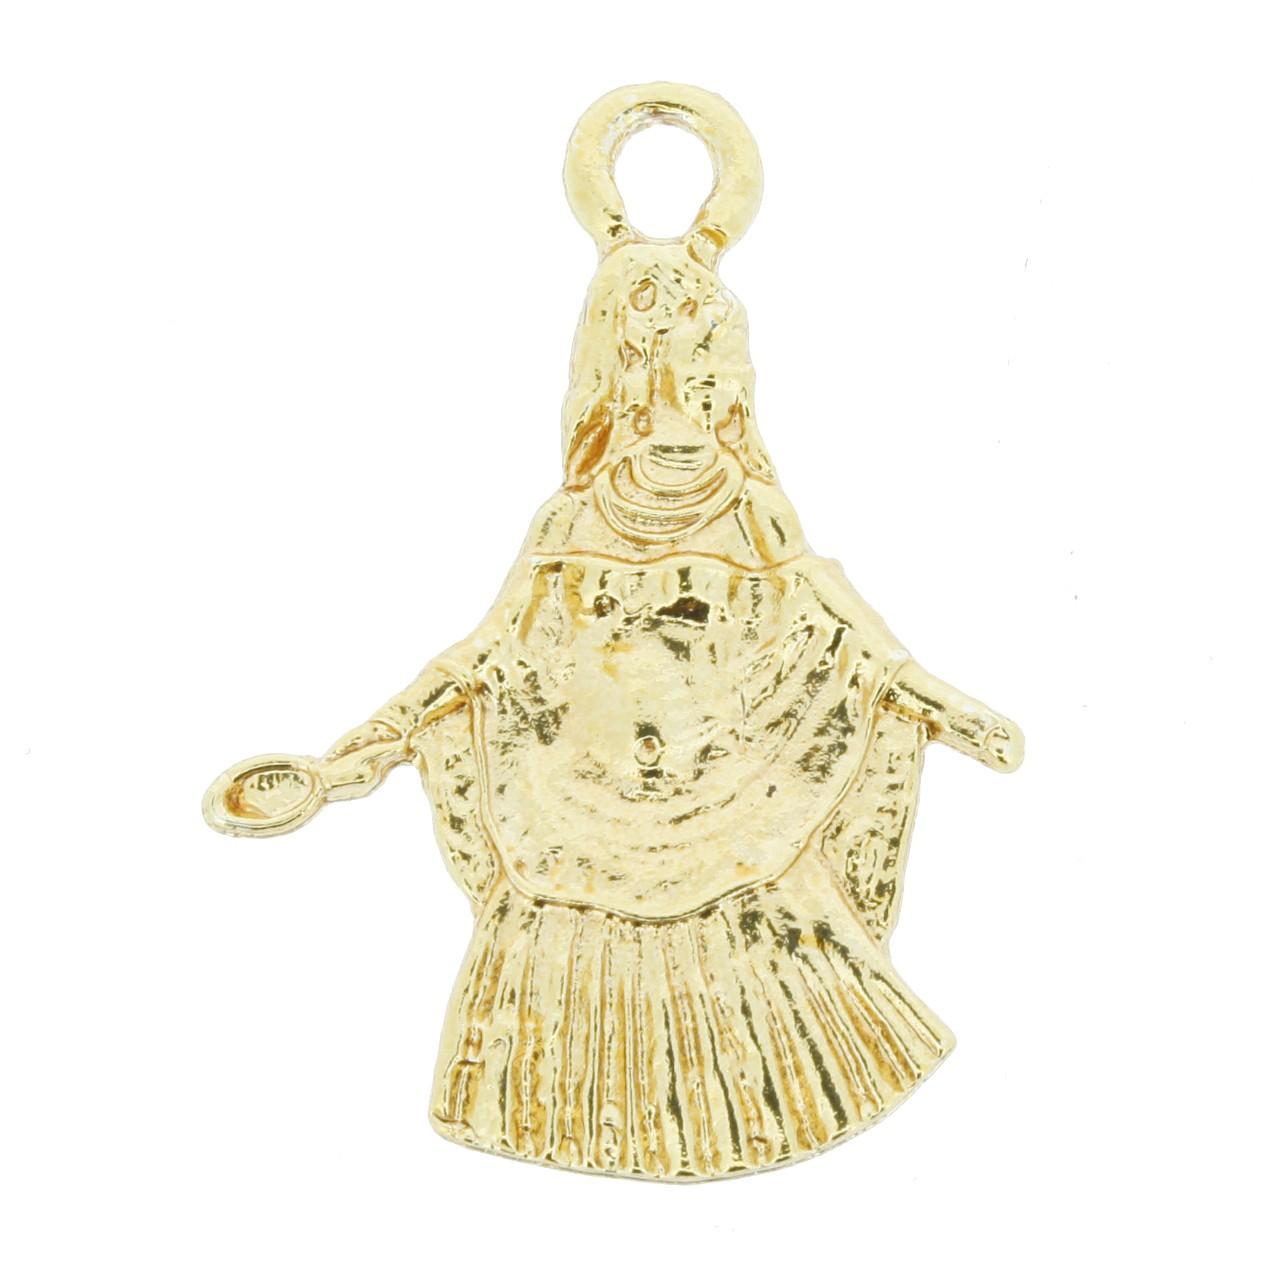 Oxum - Dourada - 34mm  - Universo Religioso® - Artigos de Umbanda e Candomblé